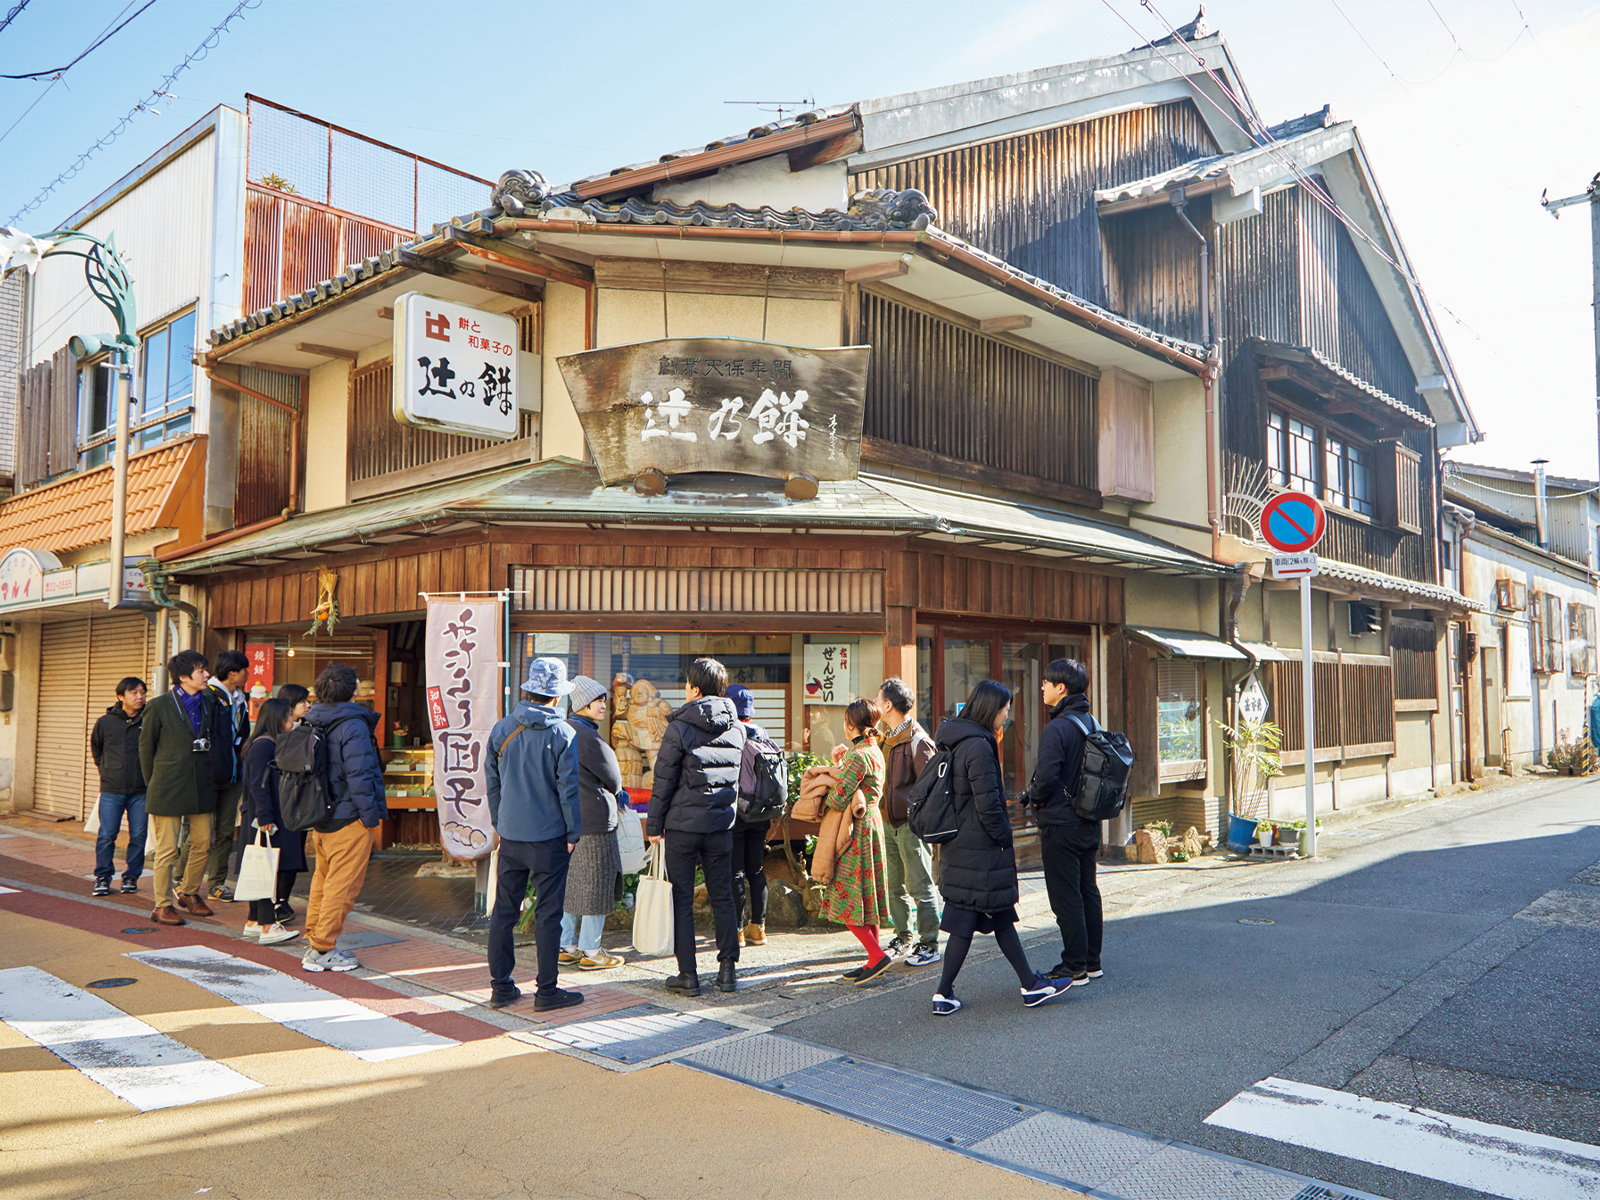 創業は江戸時代の天保年間という老舗和菓子店『辻の餅』。